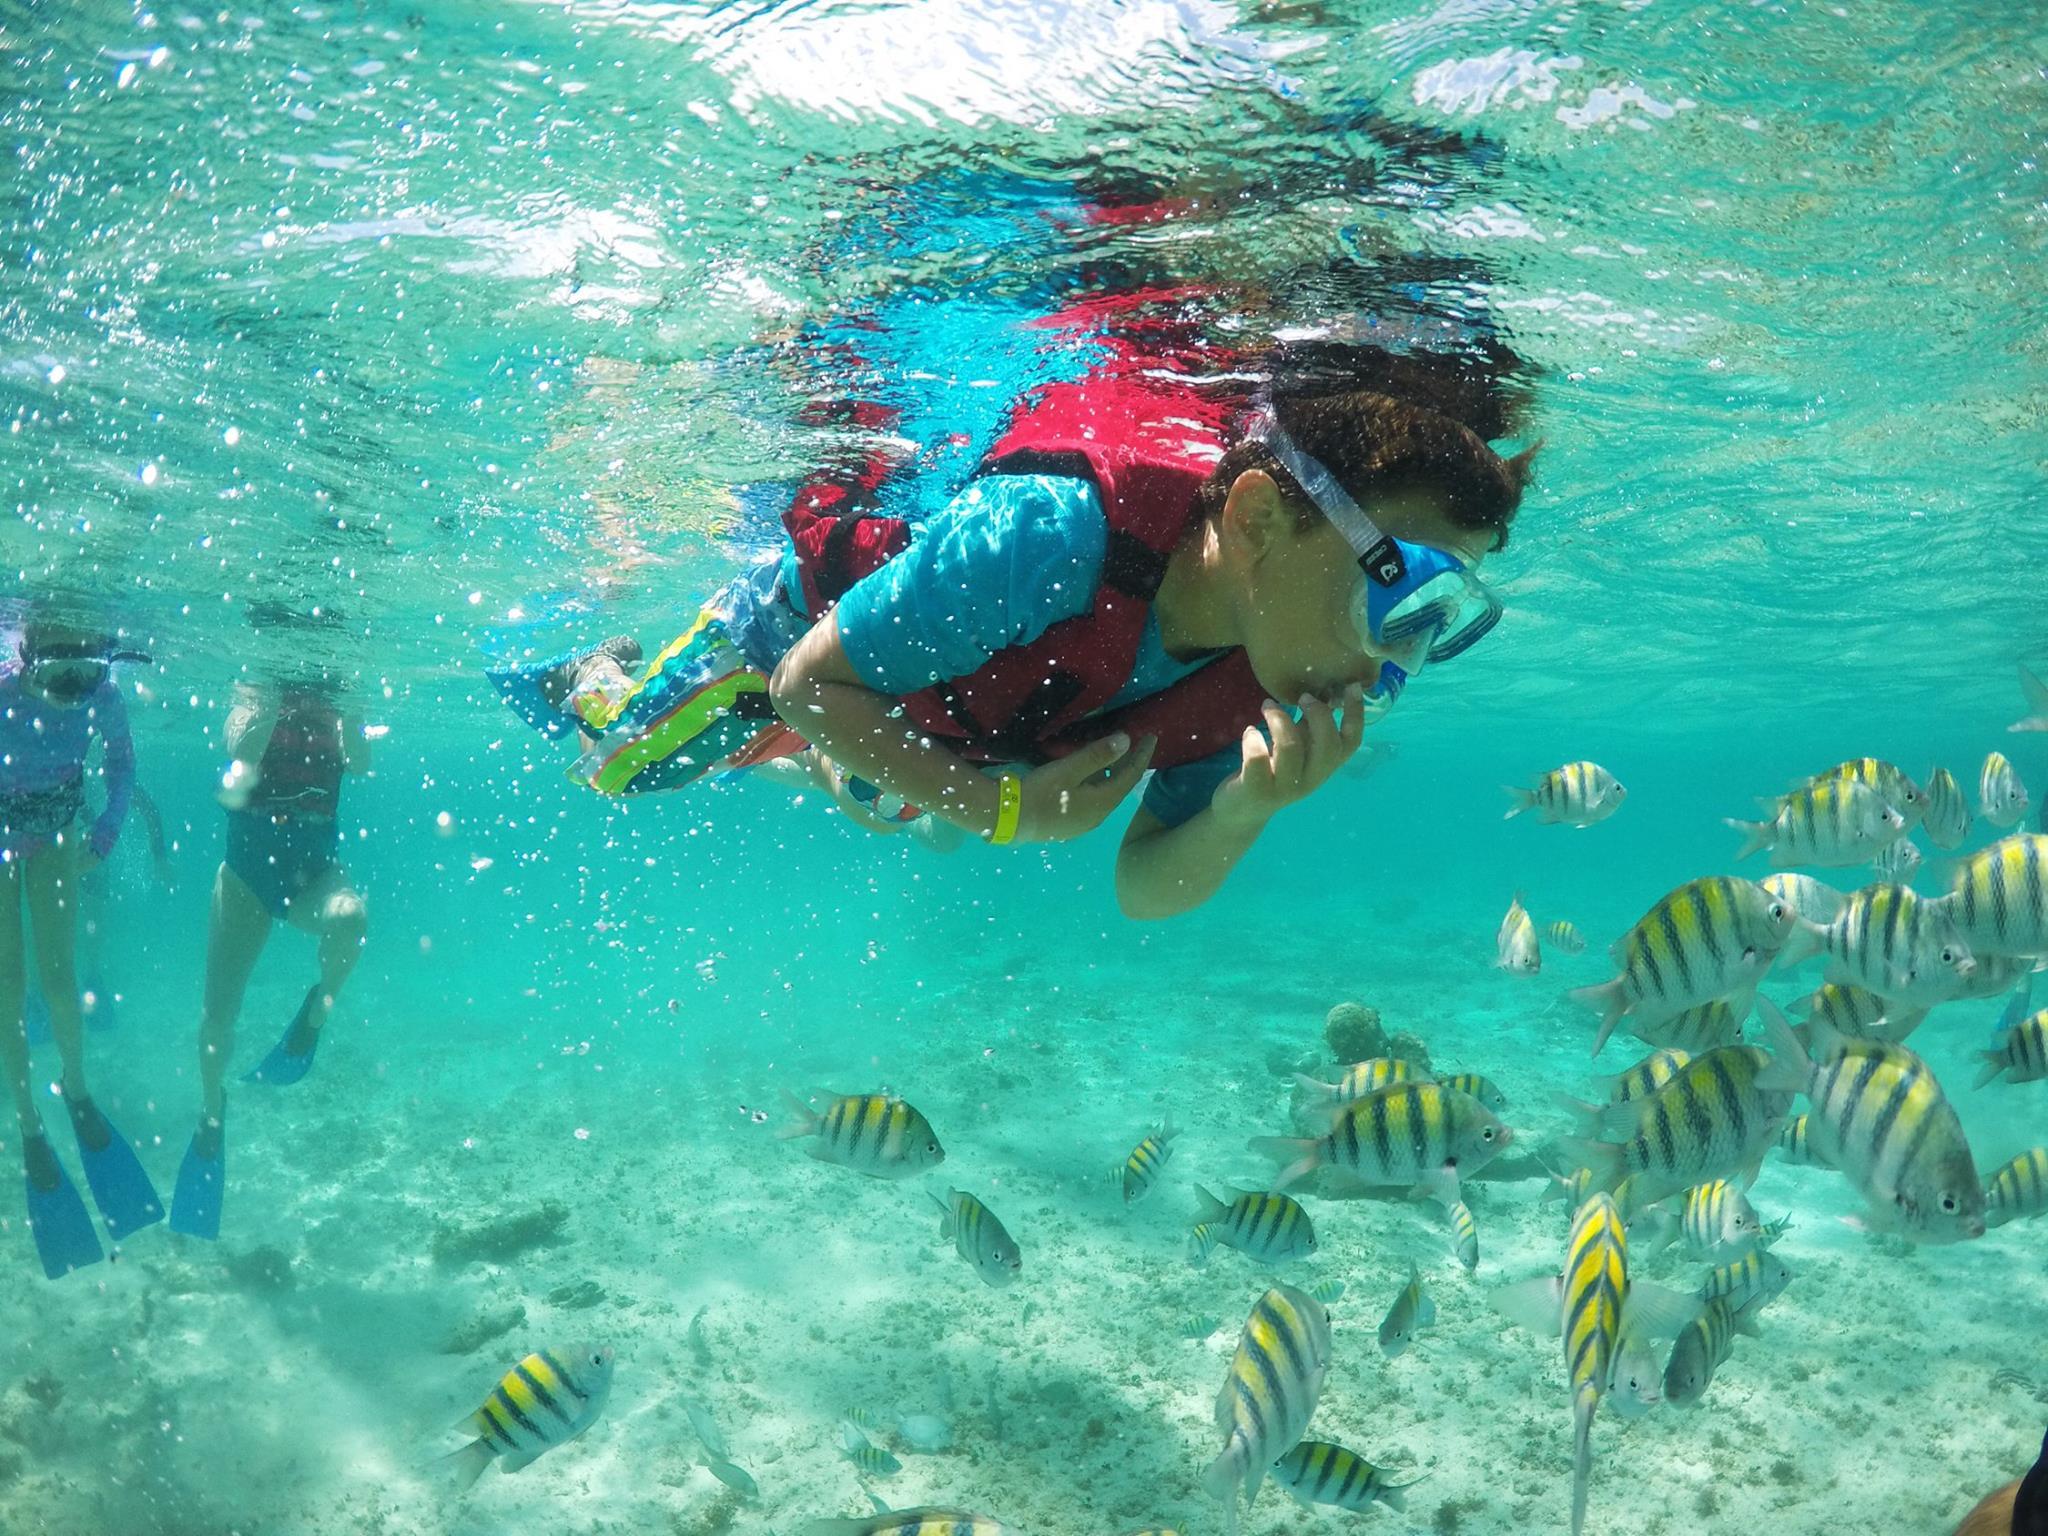 Sumergete a la vida en el arrecife de coral: Snorkel